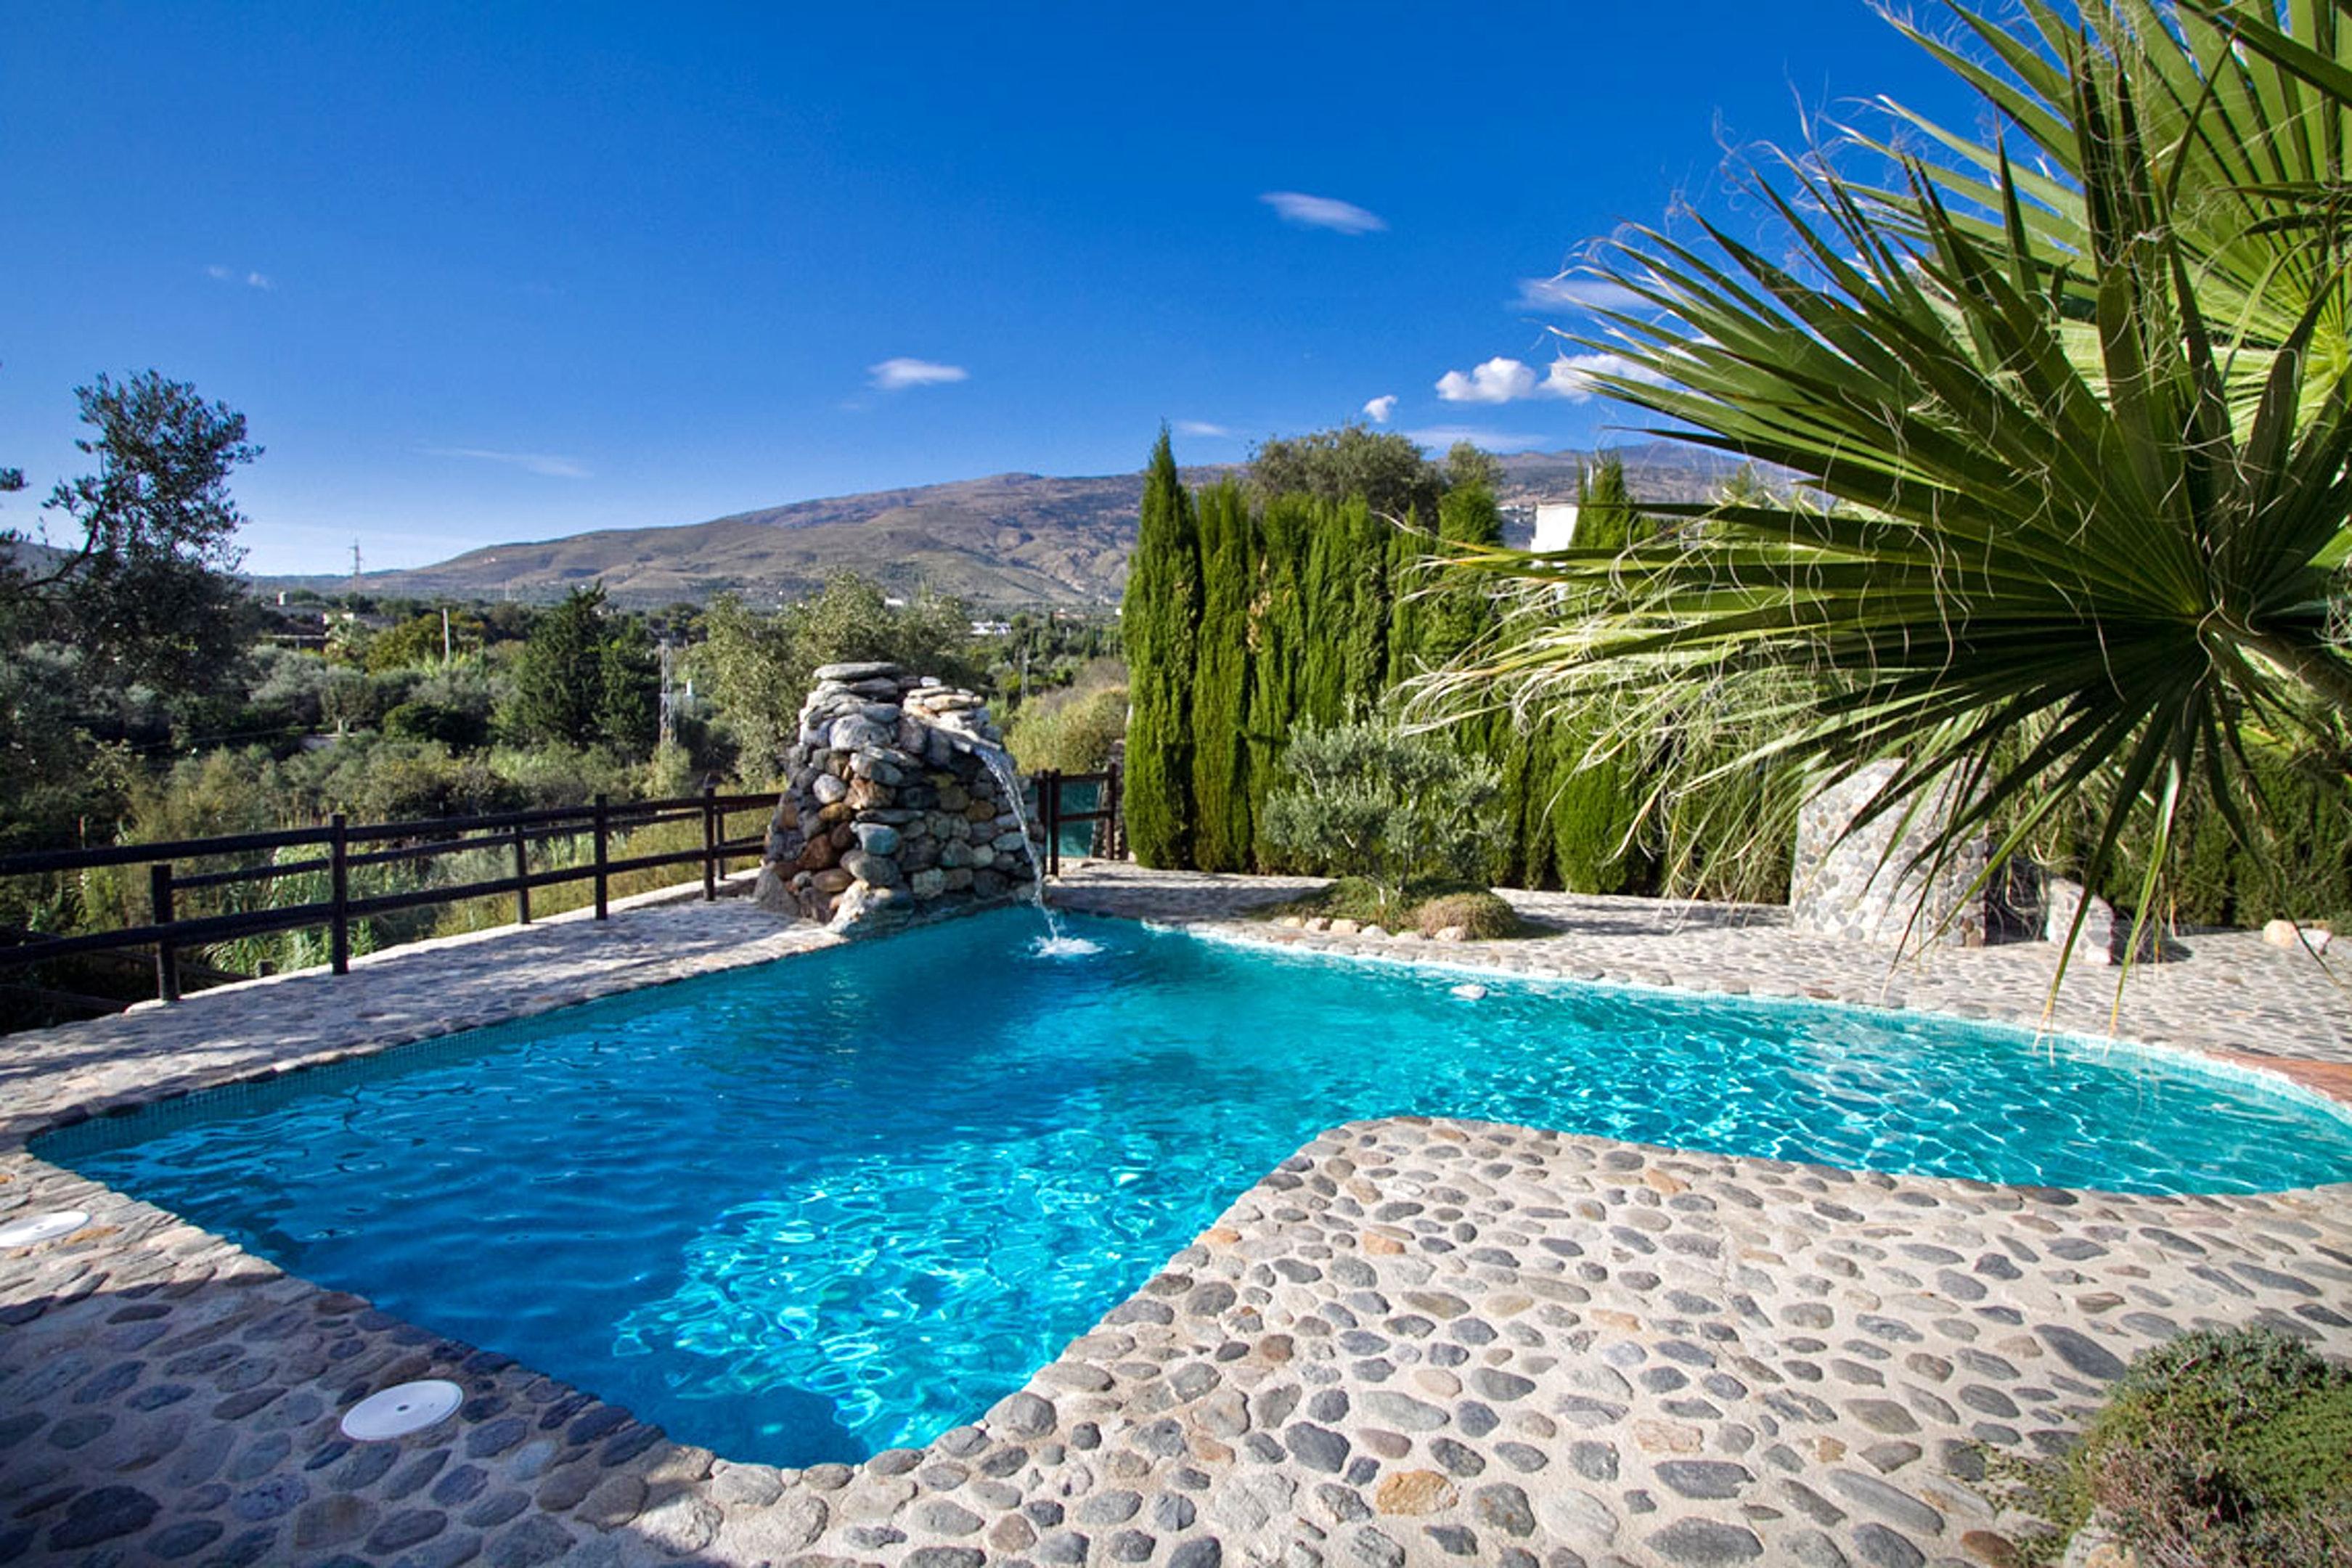 Villa mit 3 Schlafzimmern in Órgiva mit toller Aussicht auf die Berge privatem Pool eingezäuntem Garten